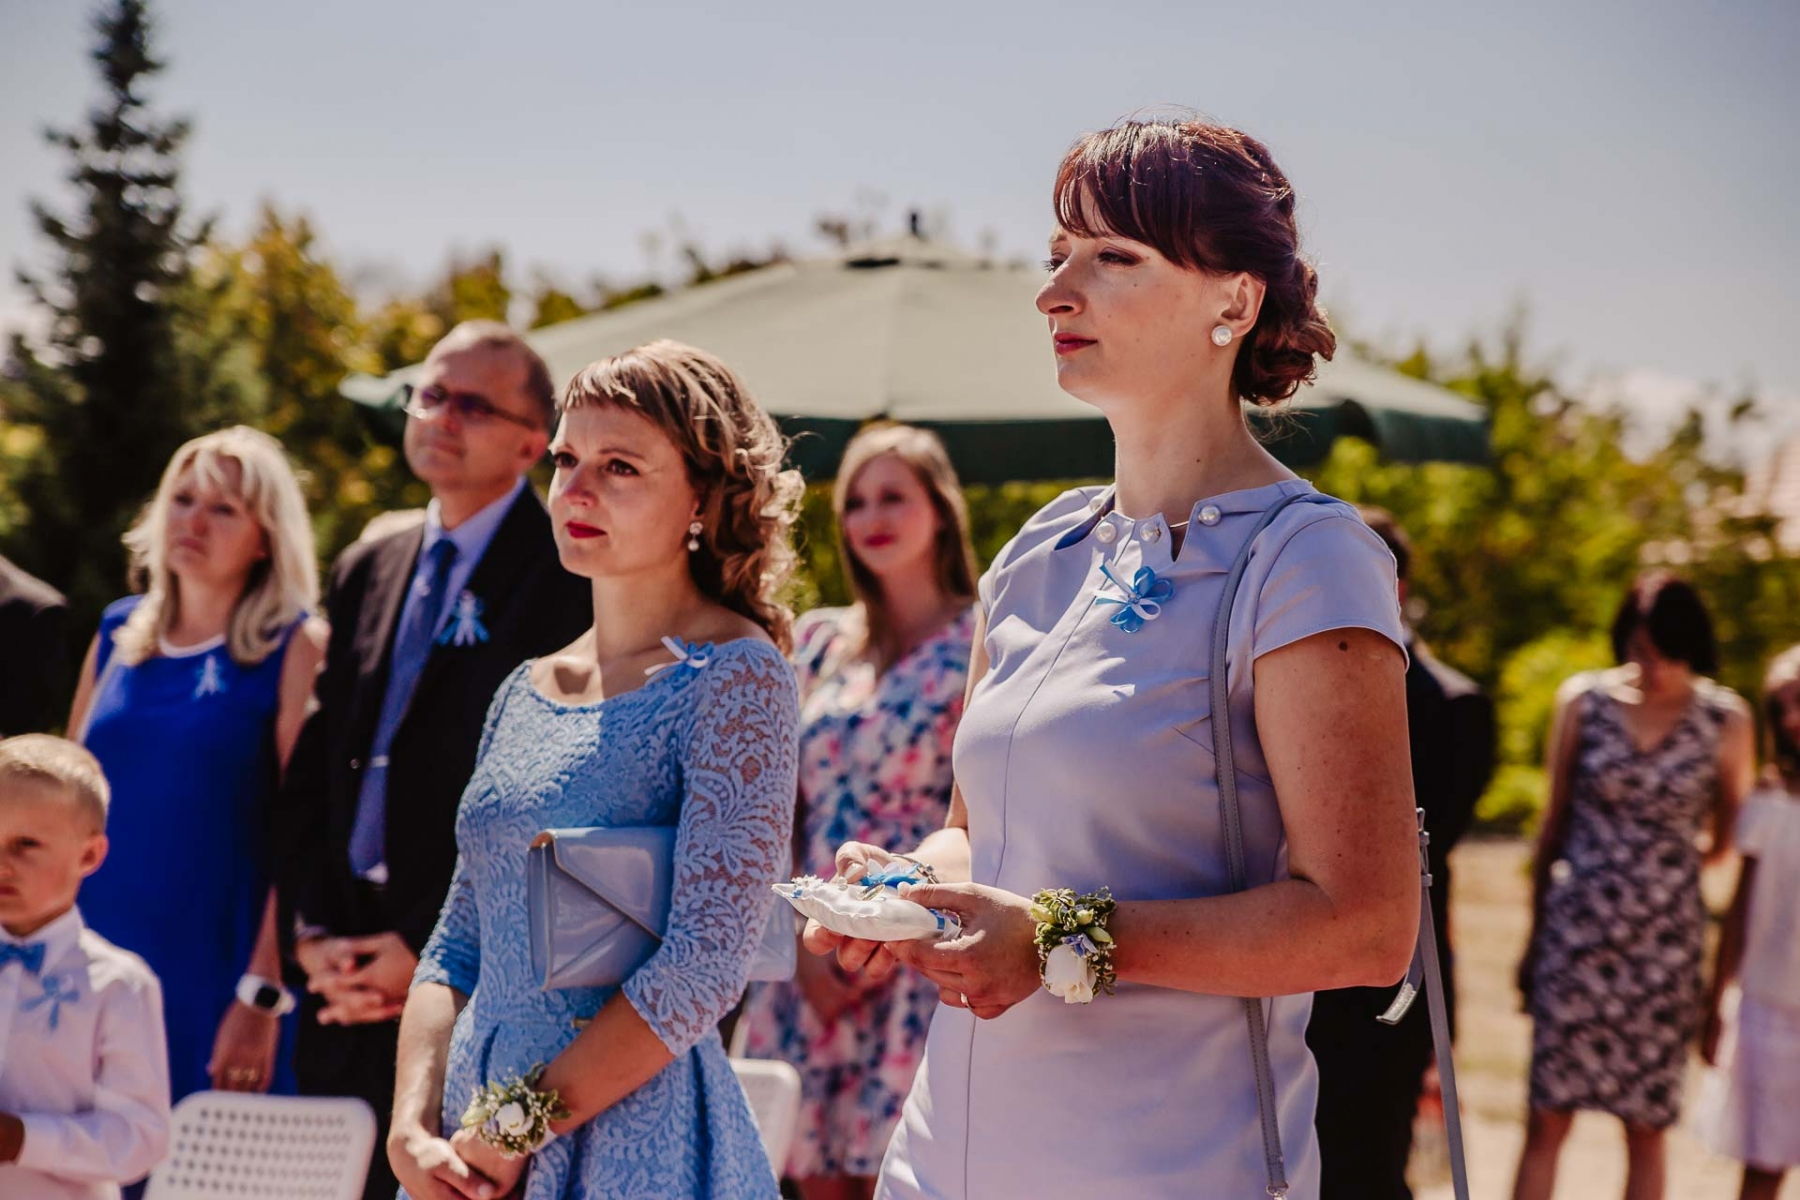 svatební fotograf zámek Mníšek pod Brdy, svatba na zámku, letní nejkrásnější zámecká svatba, Bára a Ondra-52